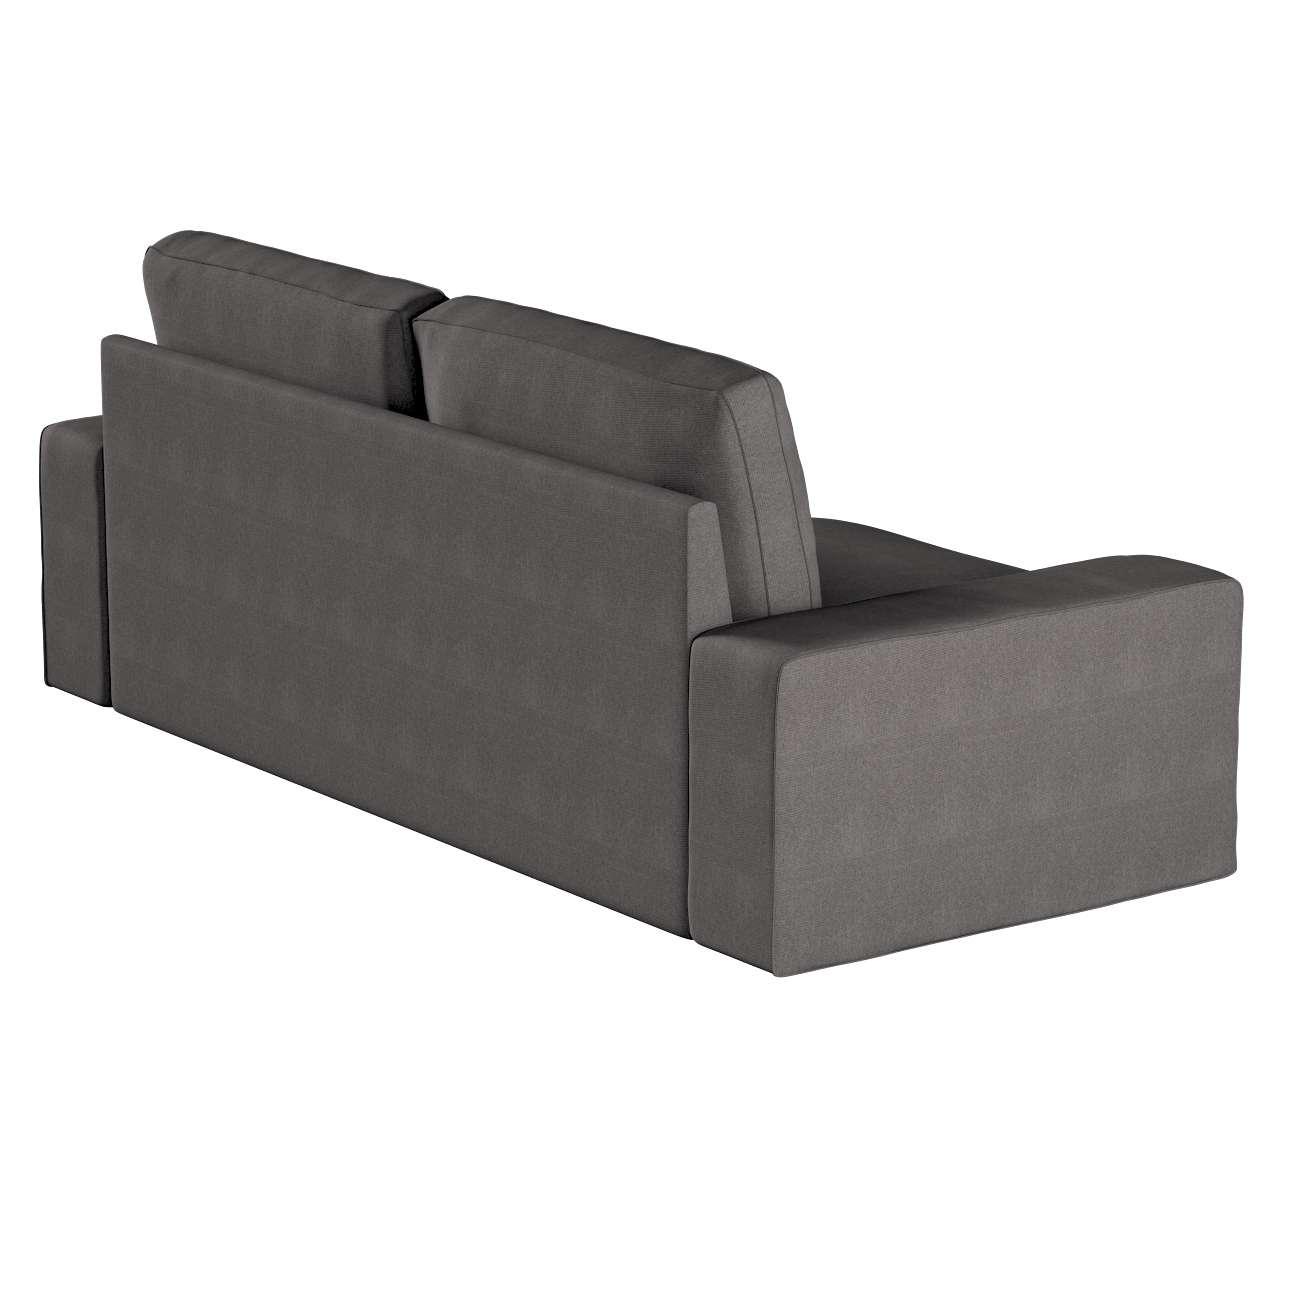 Pokrowiec na sofę Kivik 3-osobową, rozkładaną w kolekcji Etna, tkanina: 705-35